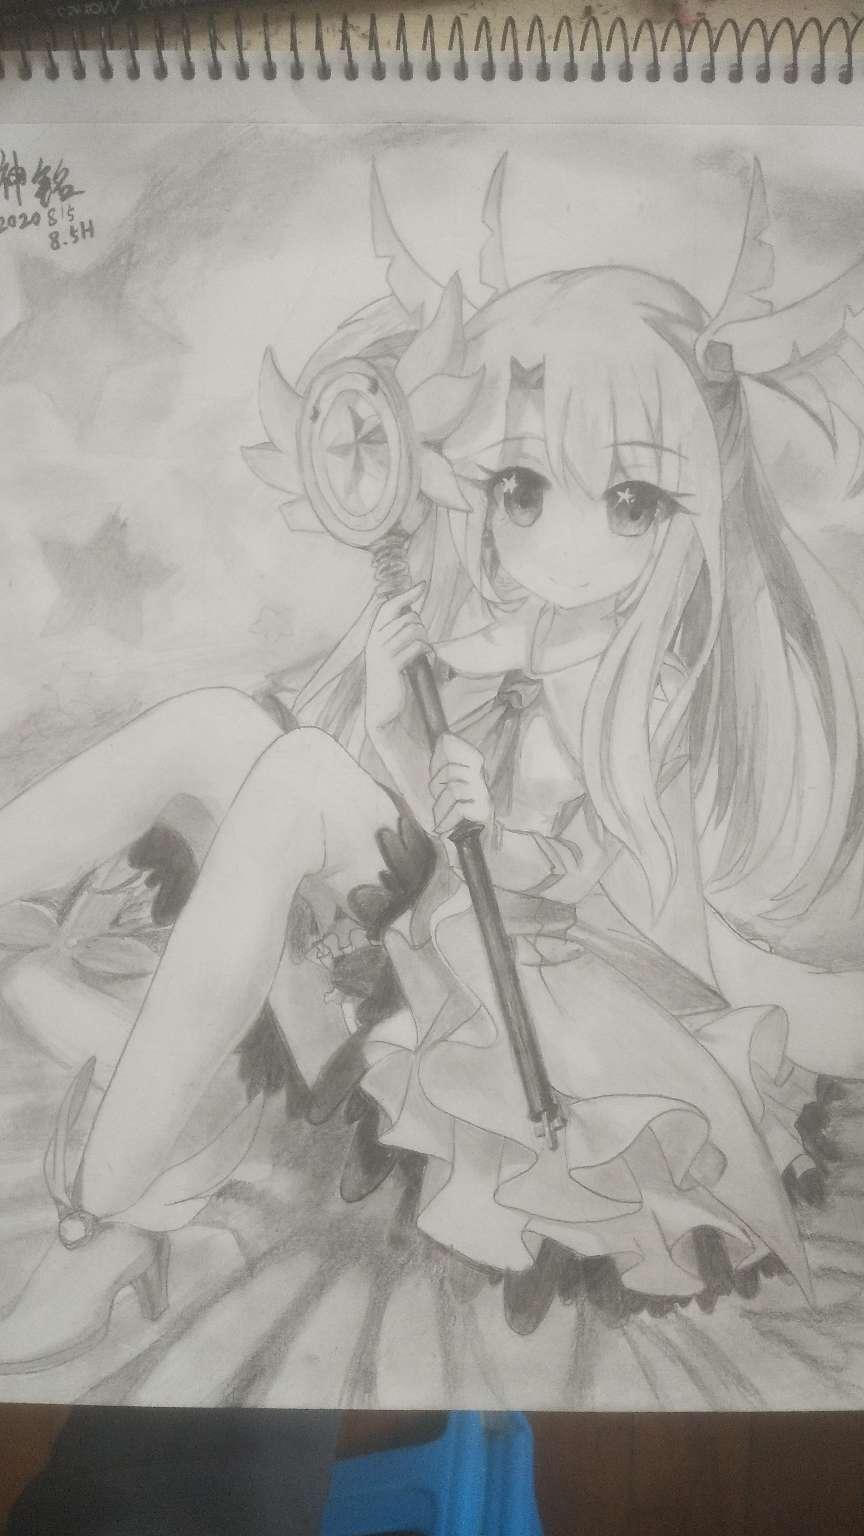 [手绘]今天画一张伊莉雅公主